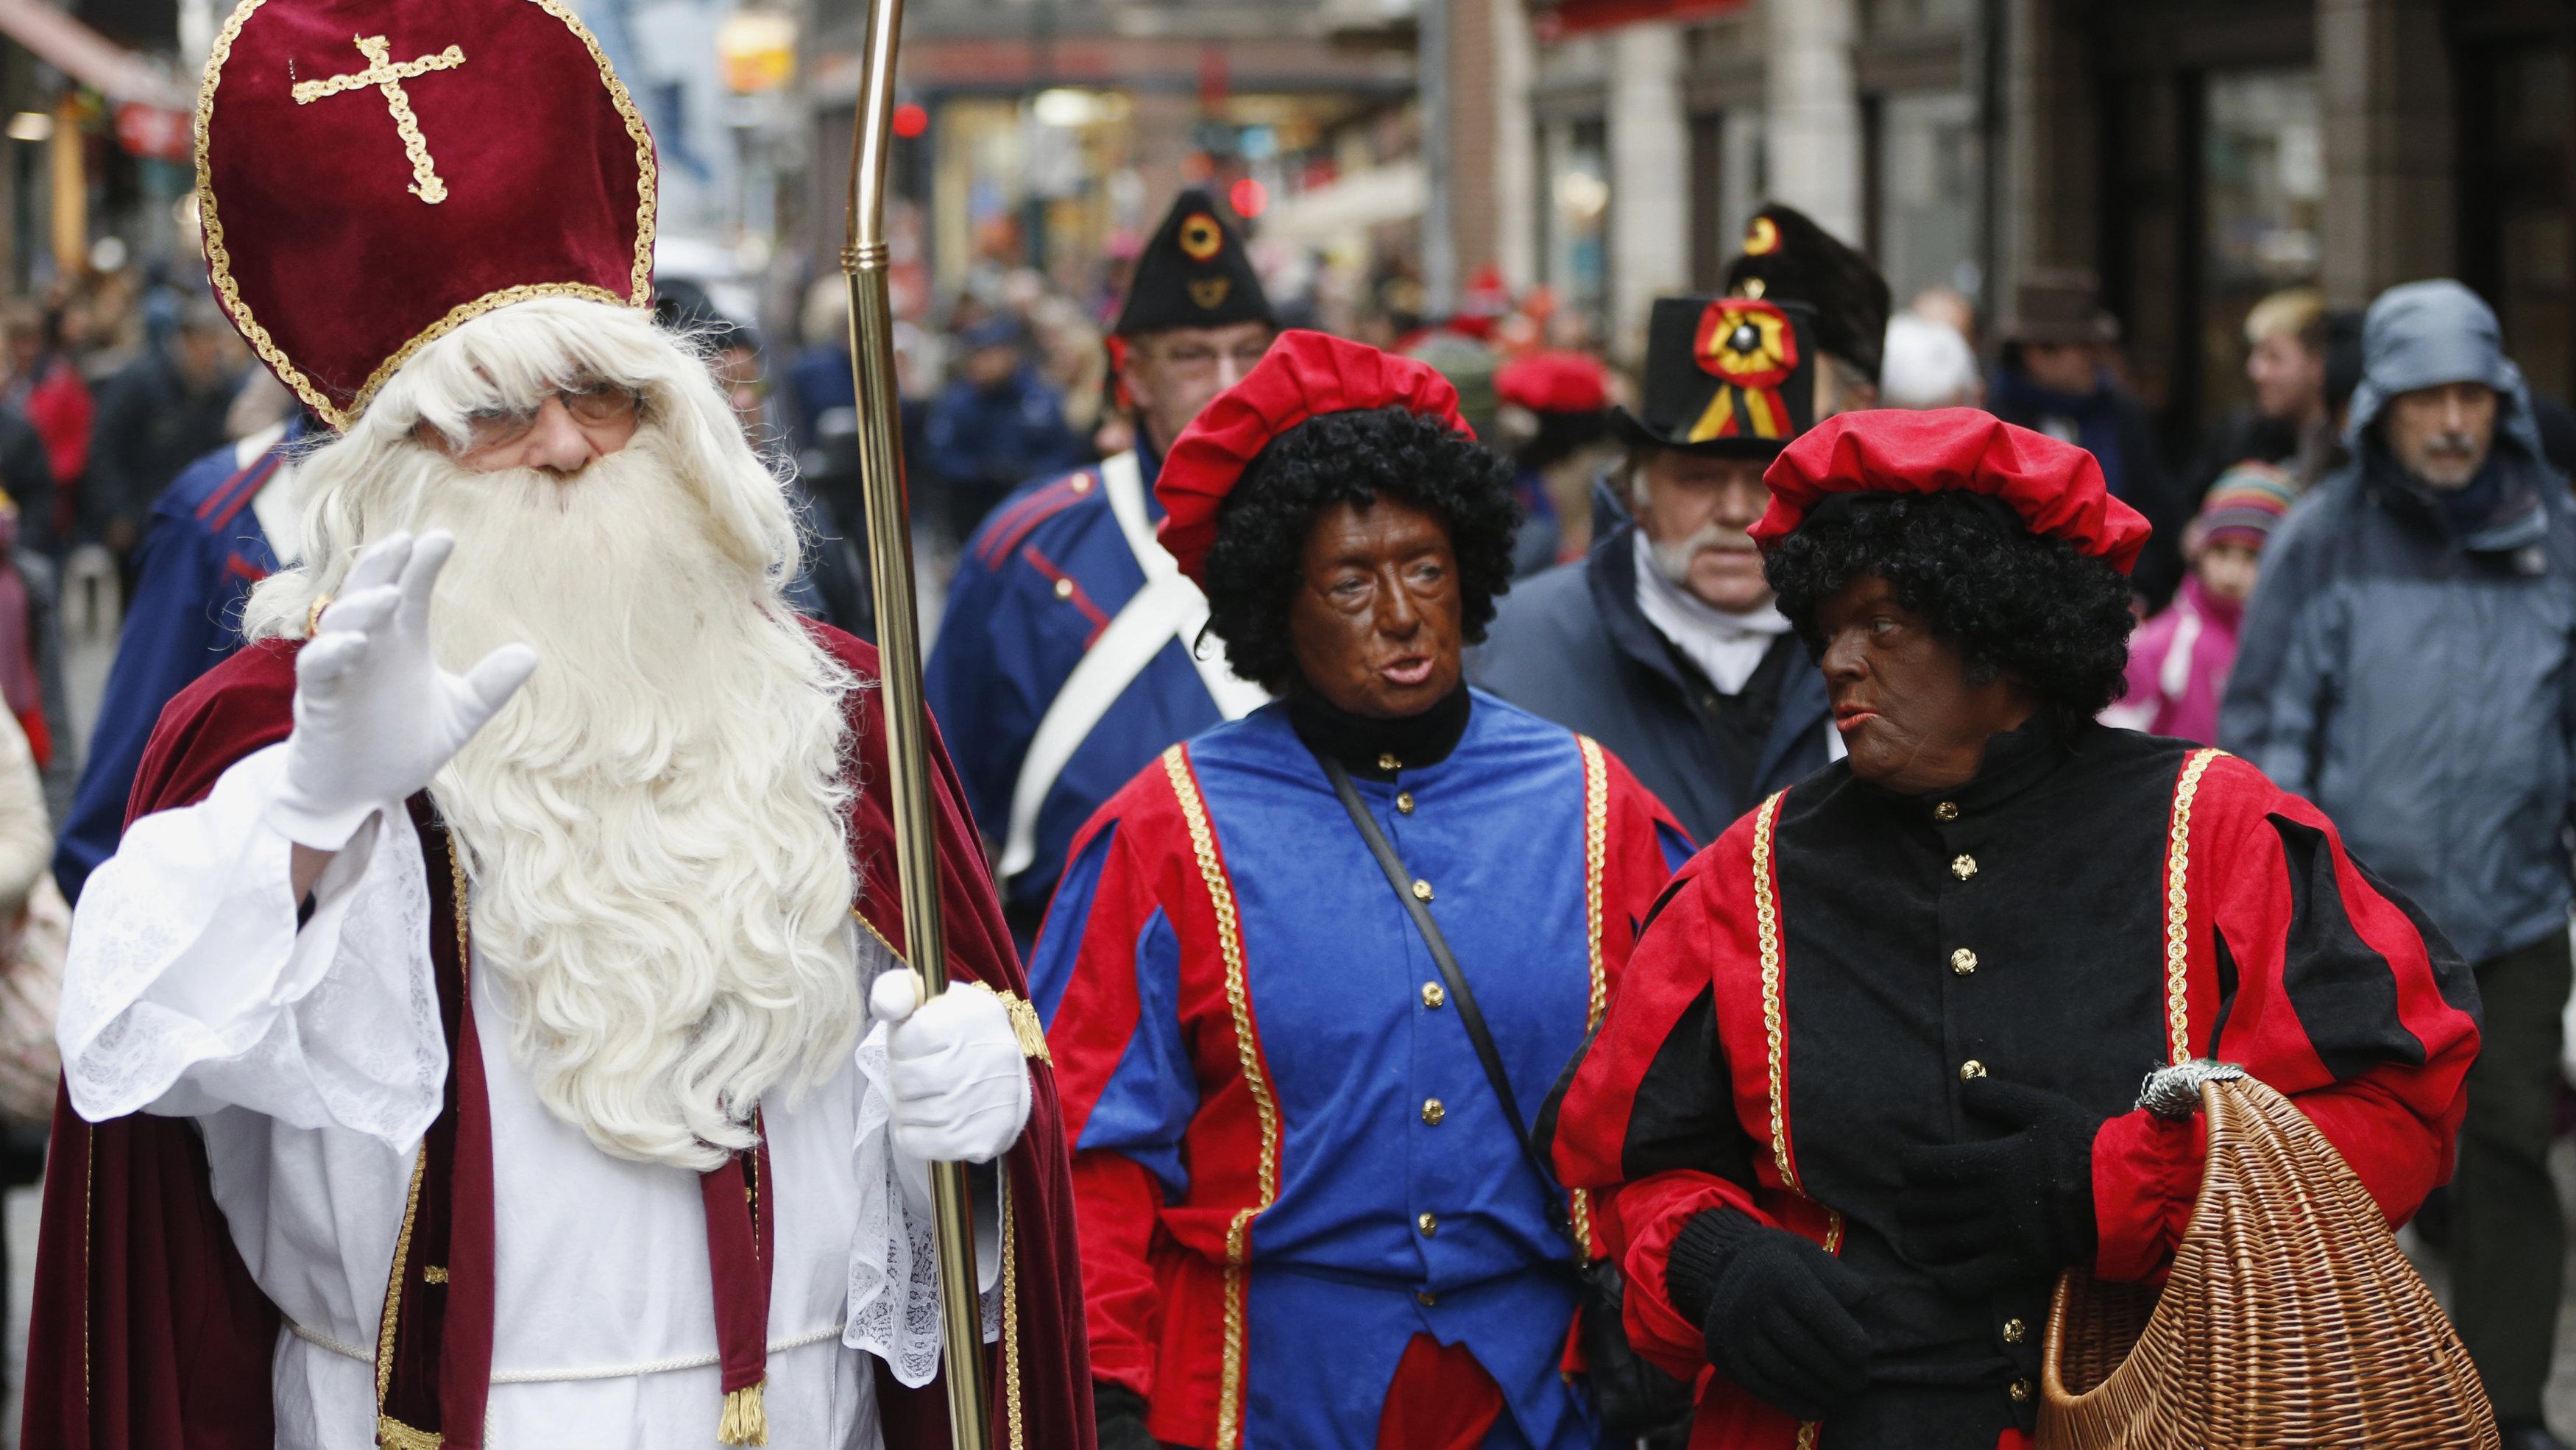 Saint Nicholas and Zwarte Piets